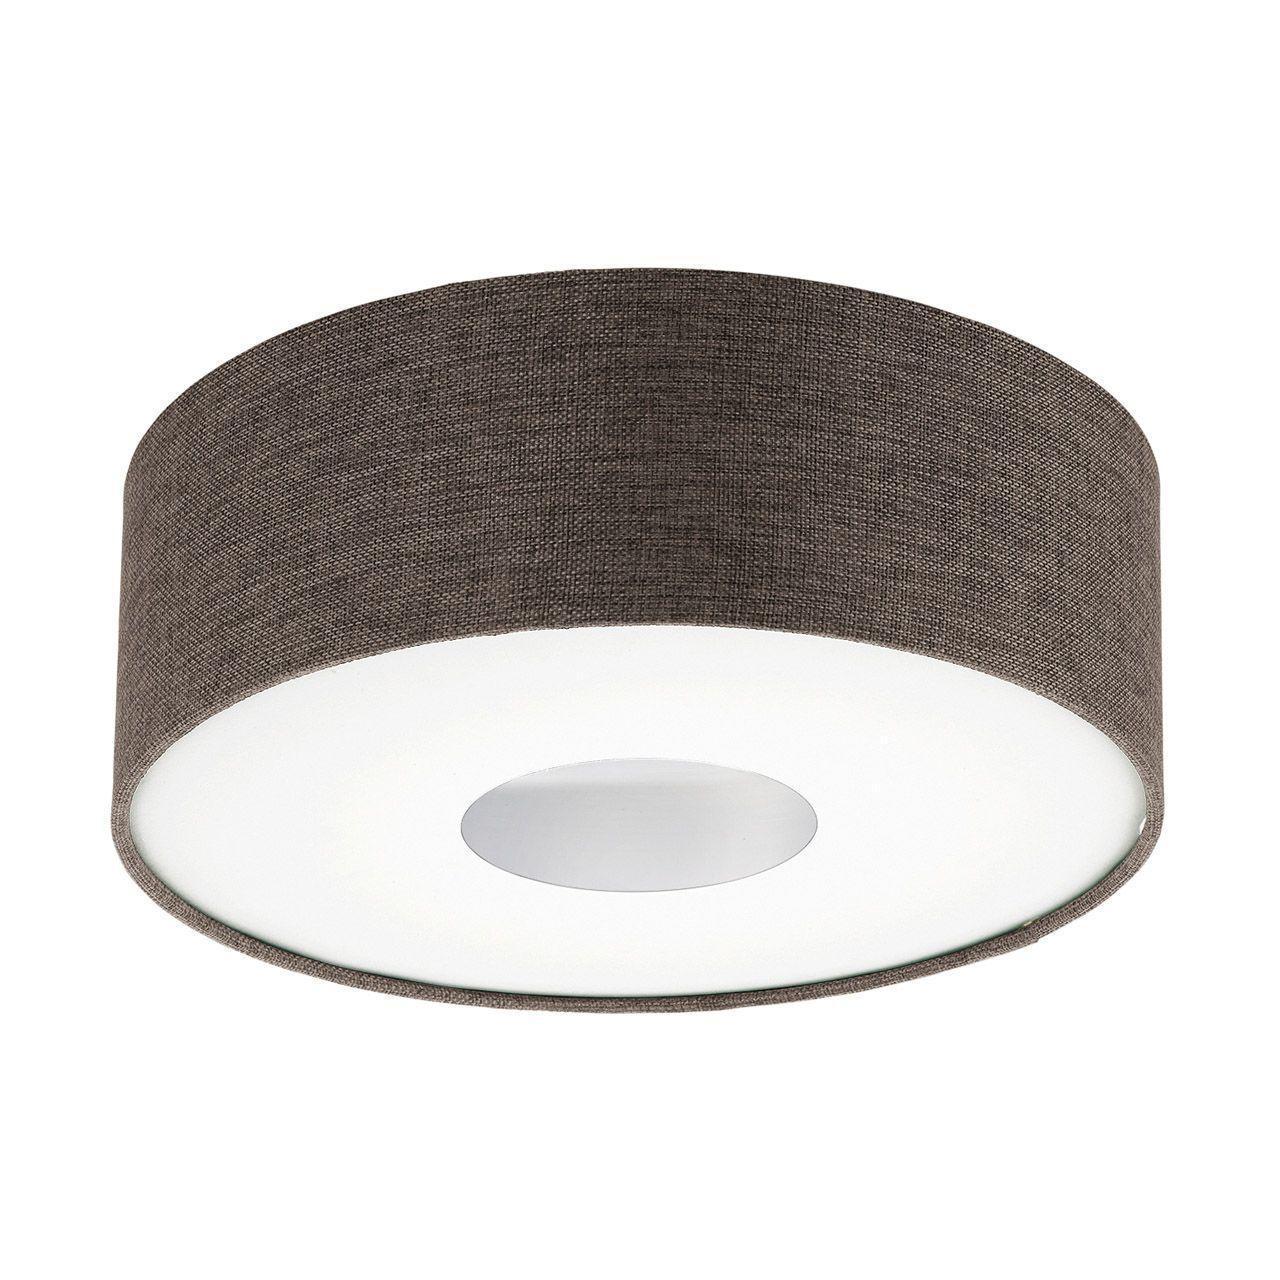 Потолочный светодиодный светильник Eglo Romao 2 95336 потолочный светодиодный светильник eglo romao 2 95337